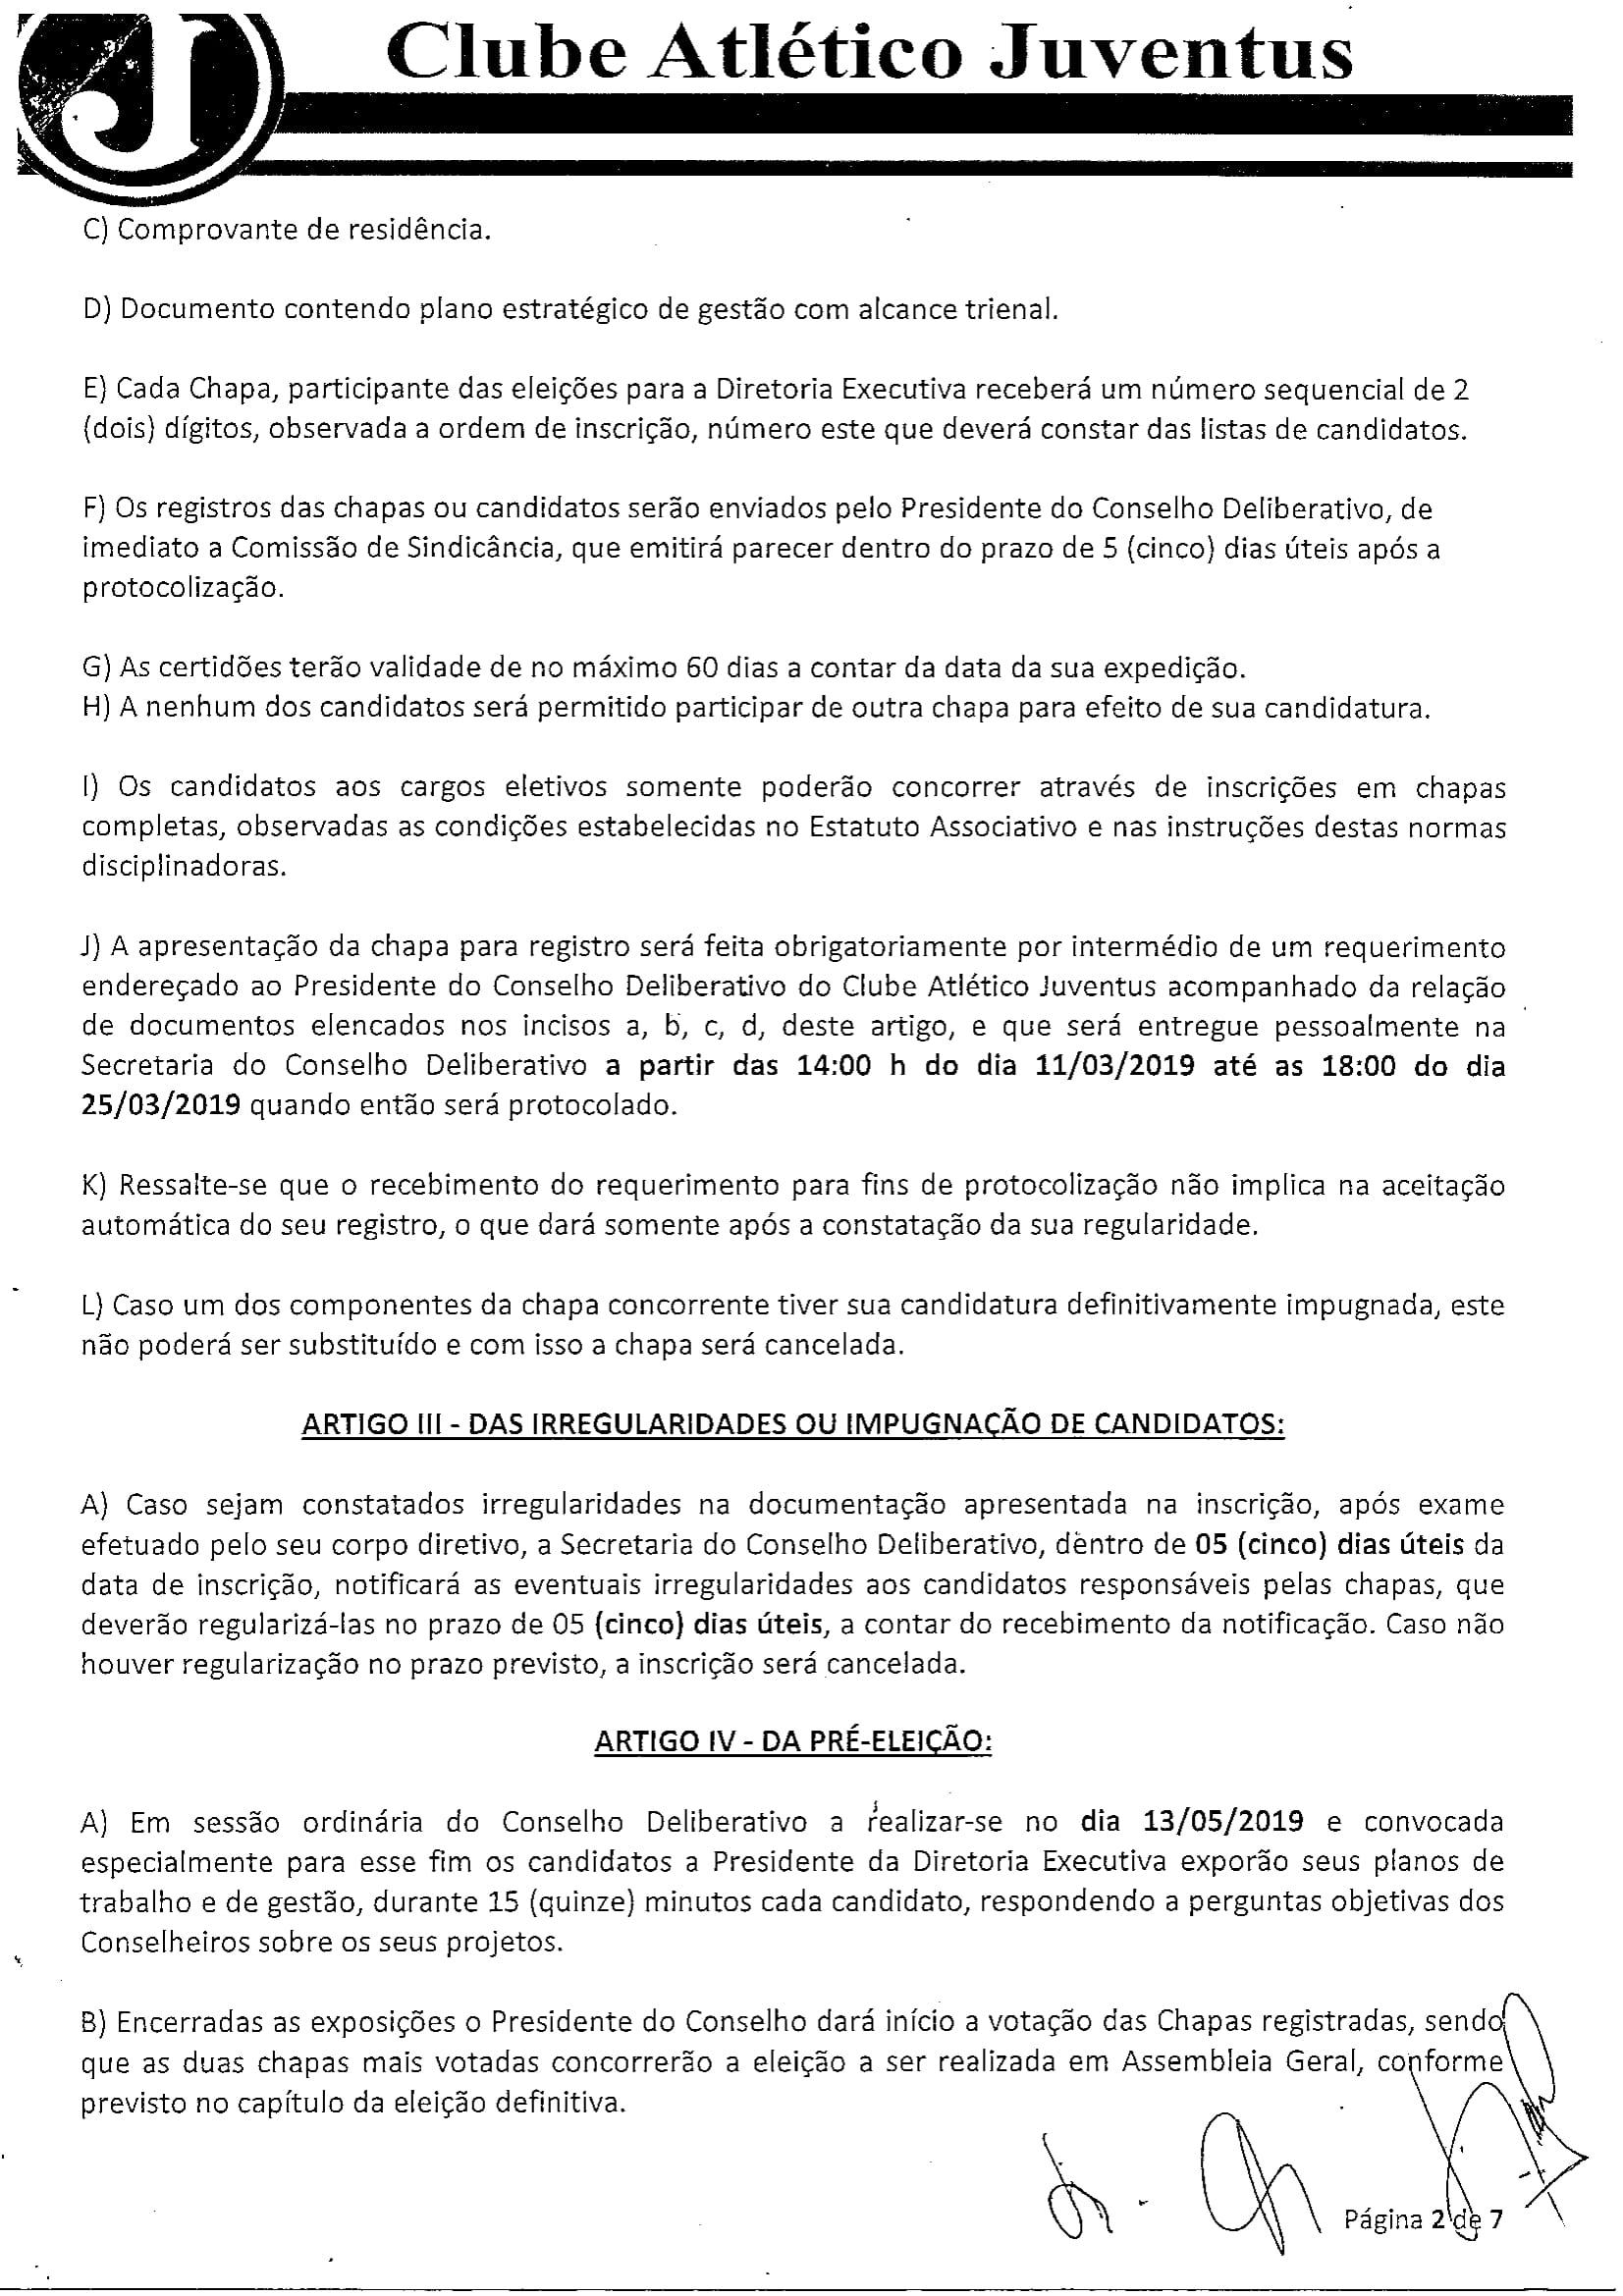 NORMAS DISCIPLINADORAS ELEIÇÃO 2019072-2